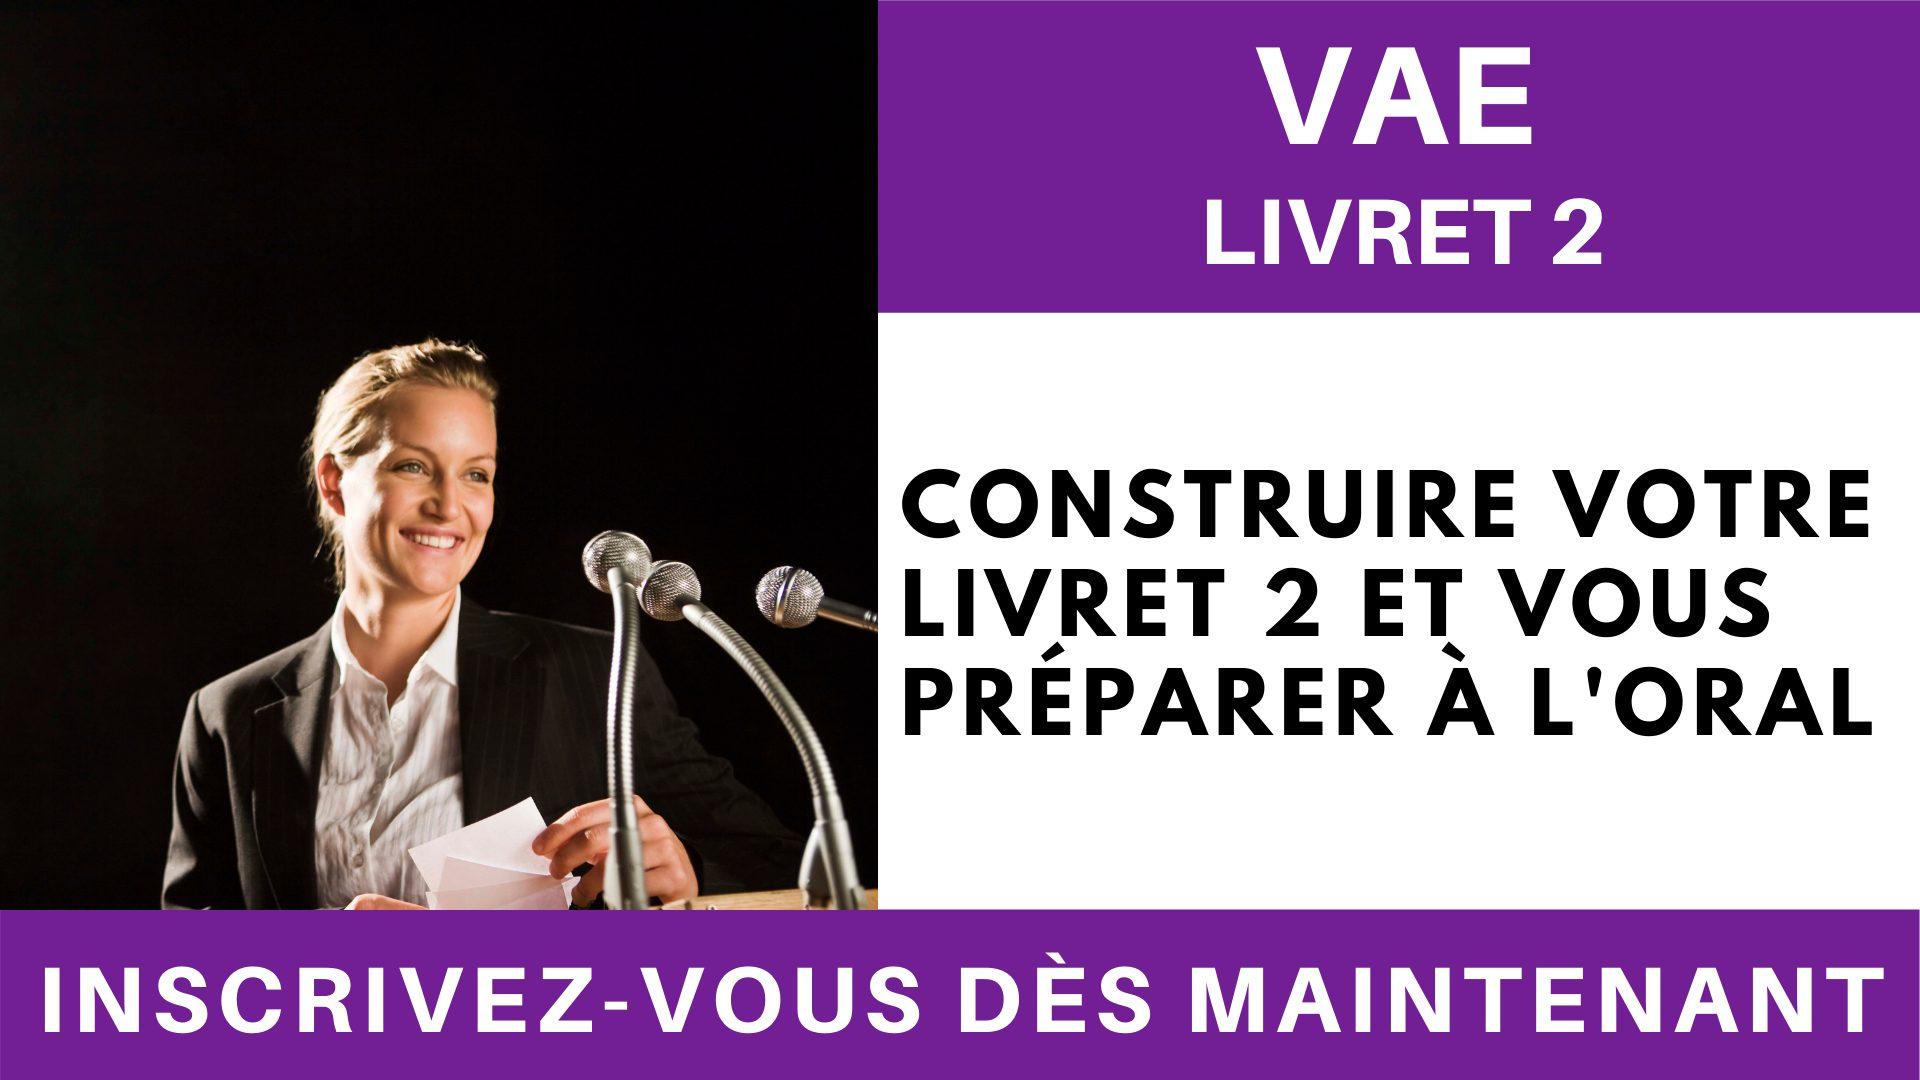 VAE Livret 2 - Construire votre livret 2 et vous préparer à l'oral (4)